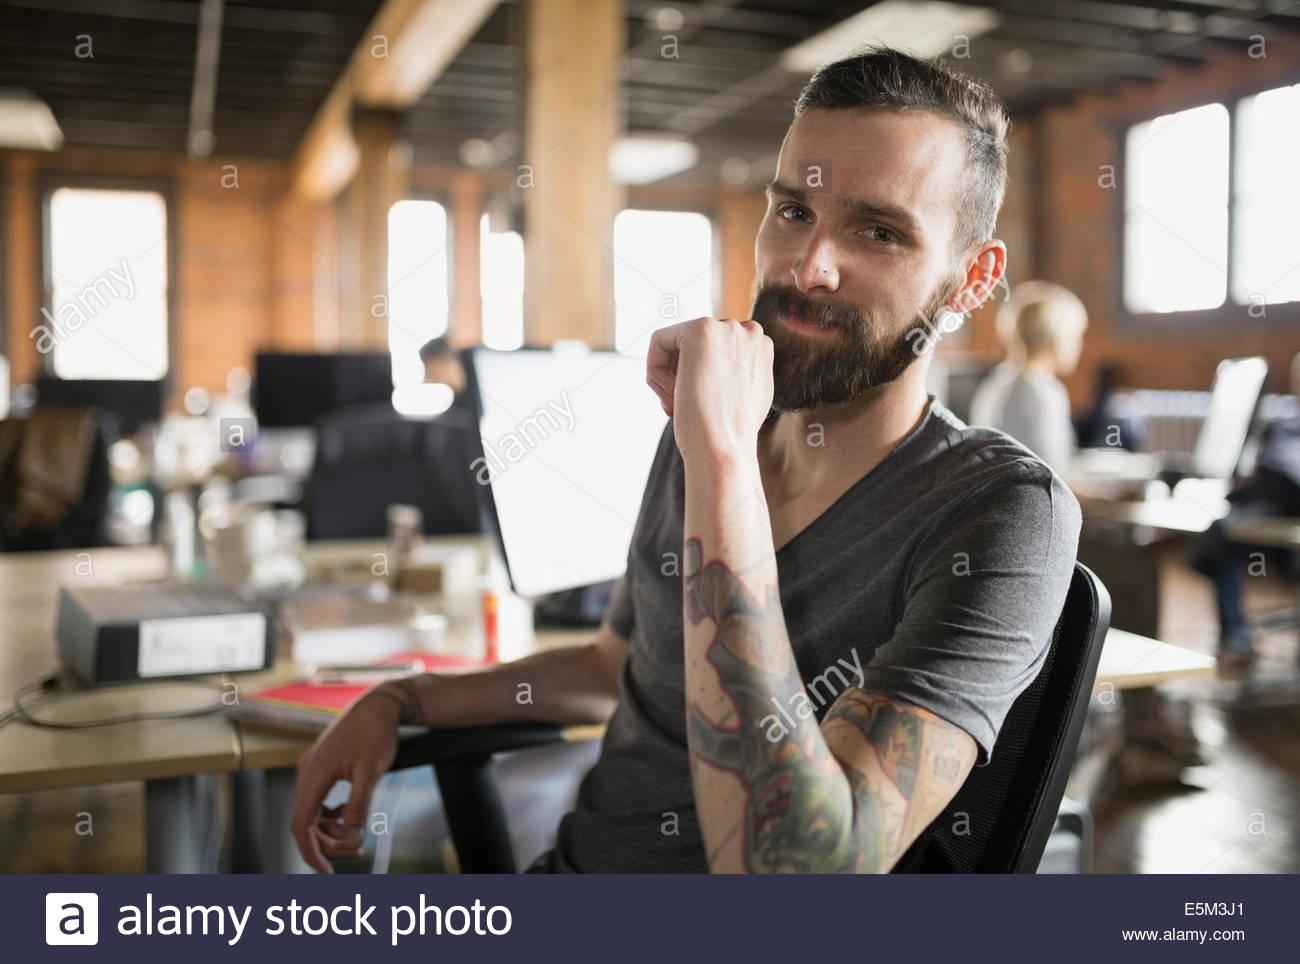 Retrato de seguros de empresario con tatuajes en Office Imagen De Stock